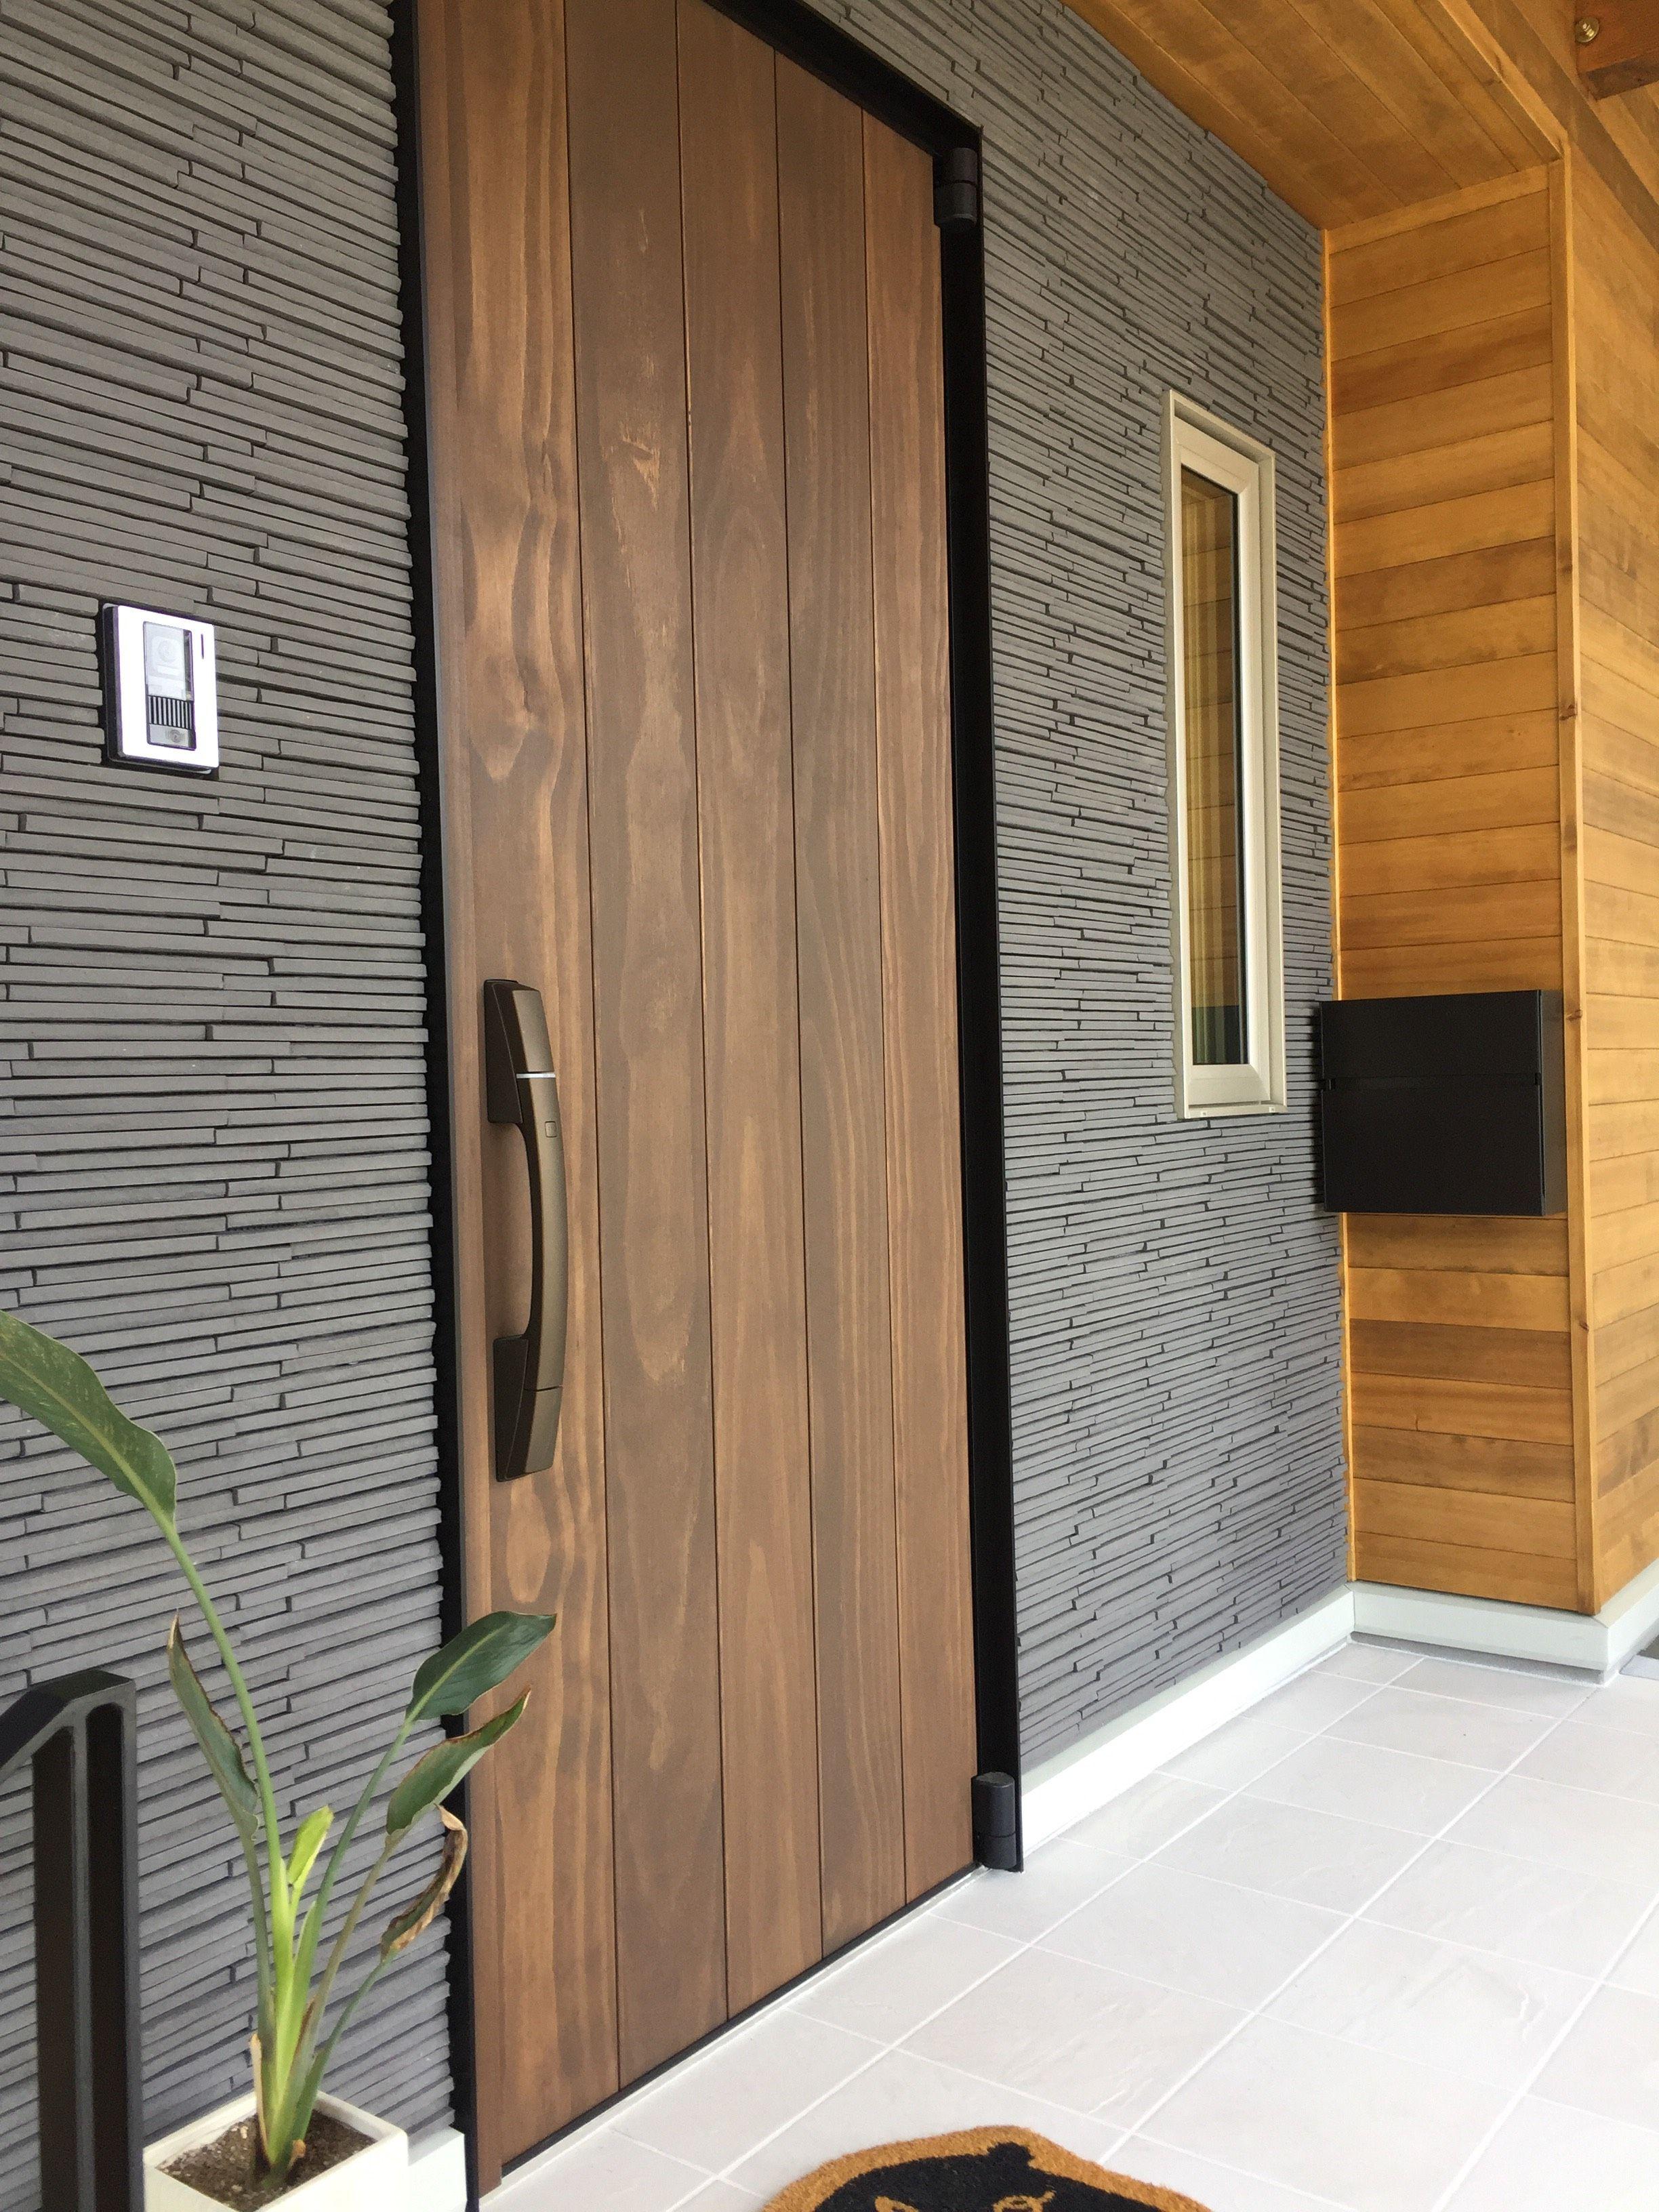 Ykk Ap エクステリアポストt10型 カームブラック B77568 Ykk Ap 郵便ポスト 玄関 Ykk 玄関ドア 玄関ドア